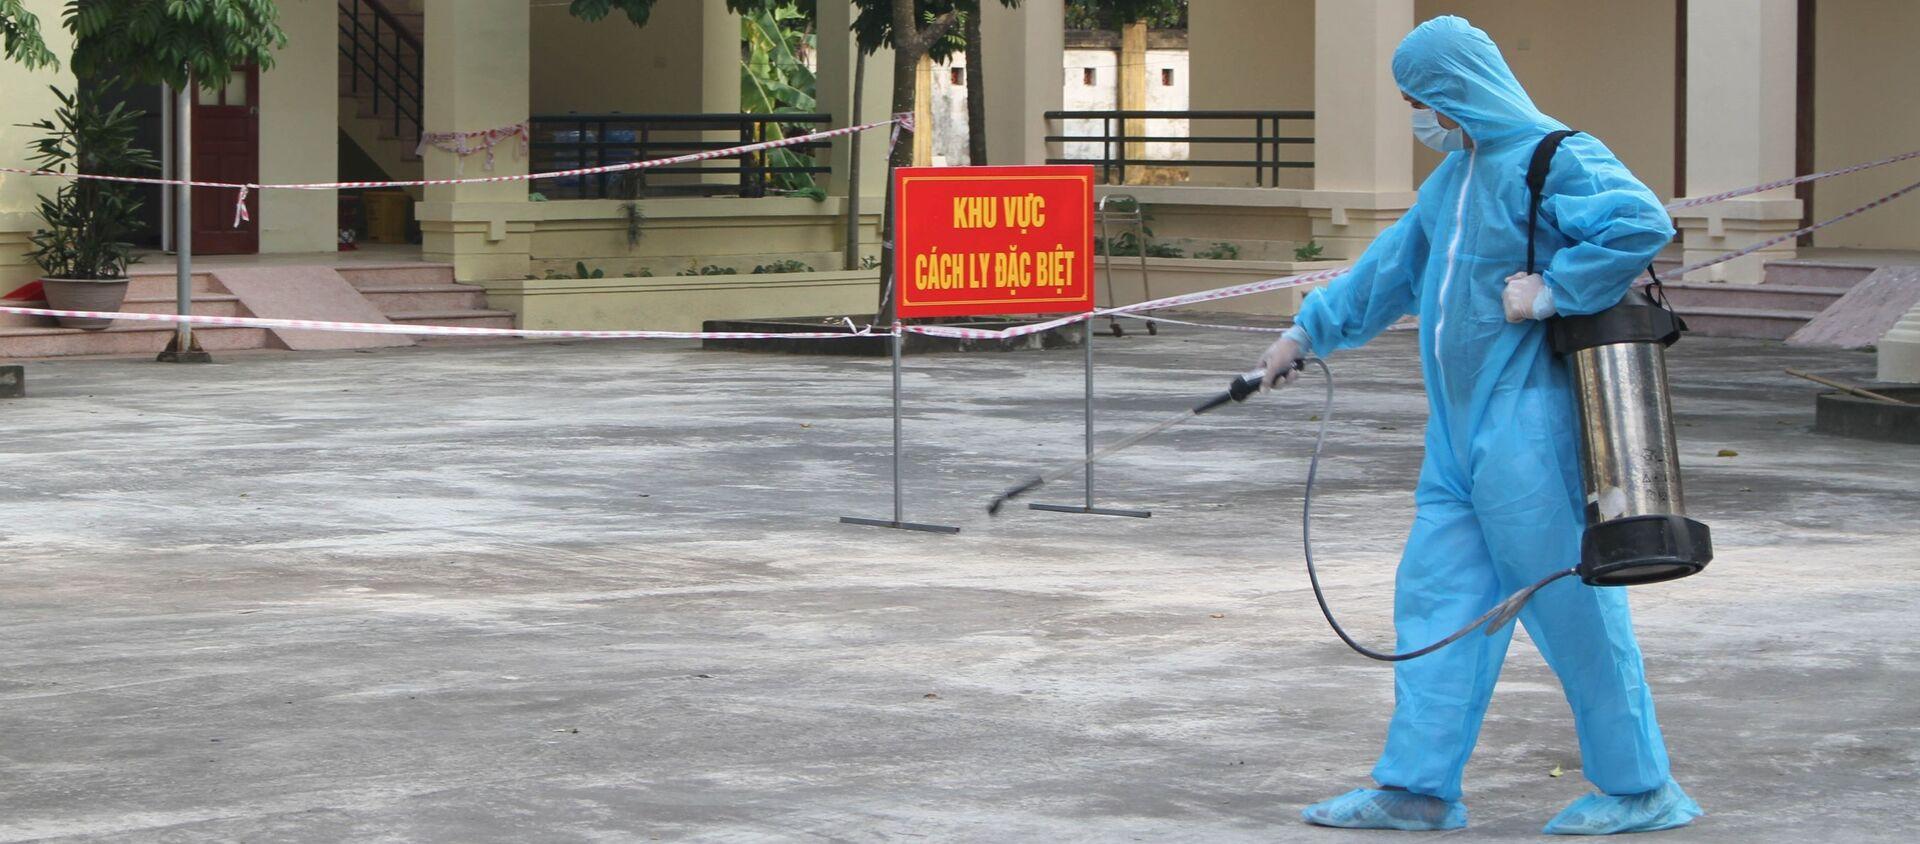 Cán bộ y tế phun hóa chất khử trùng tại khu vực cách ly, điều trị bệnh nhân dương tính với virus SARS-CoV-2 - Sputnik Việt Nam, 1920, 28.01.2021